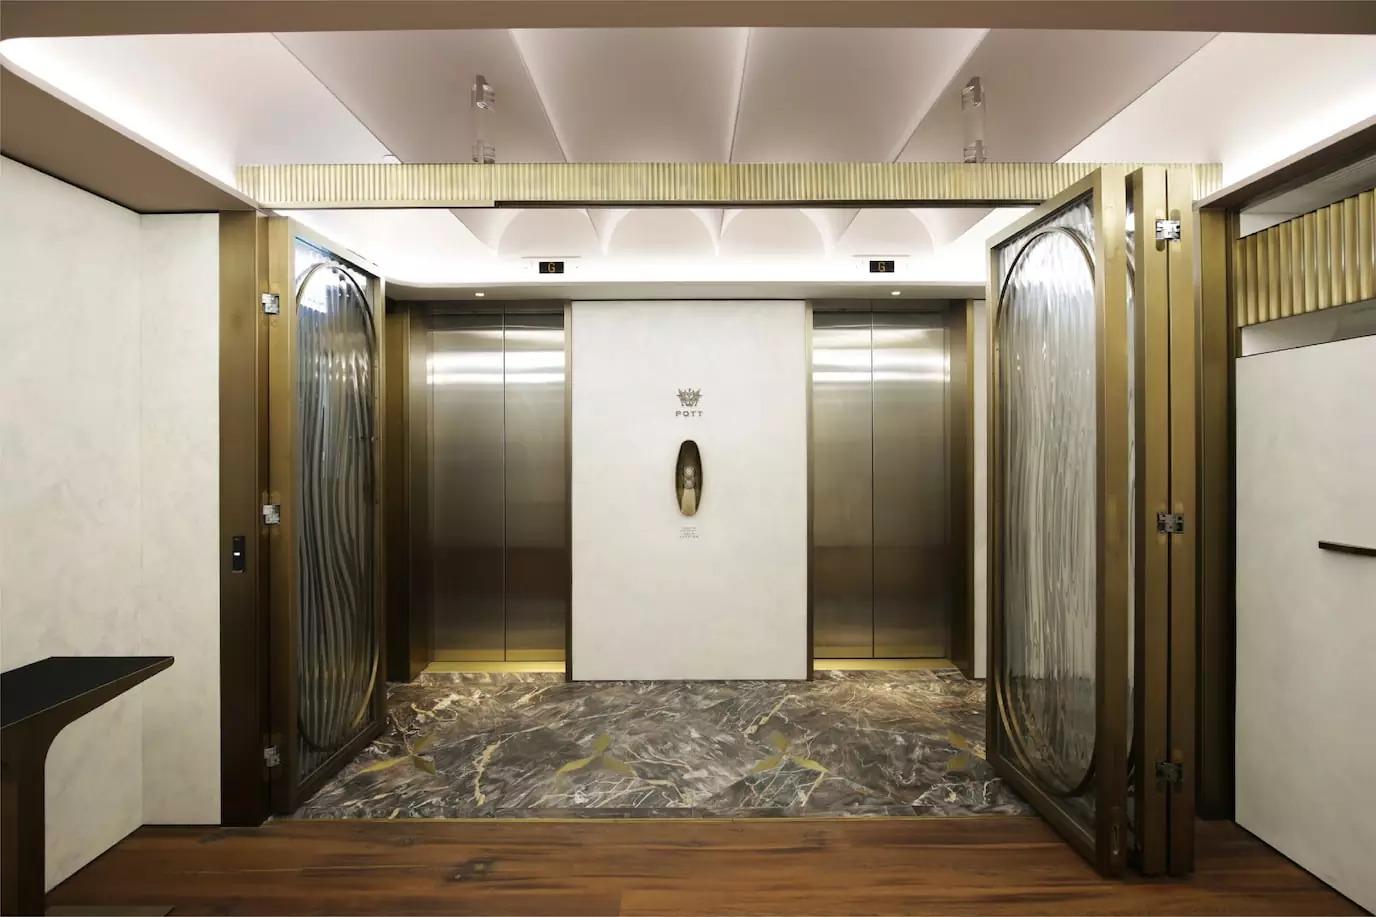 建筑和室内设计公司POTT品牌视觉设计